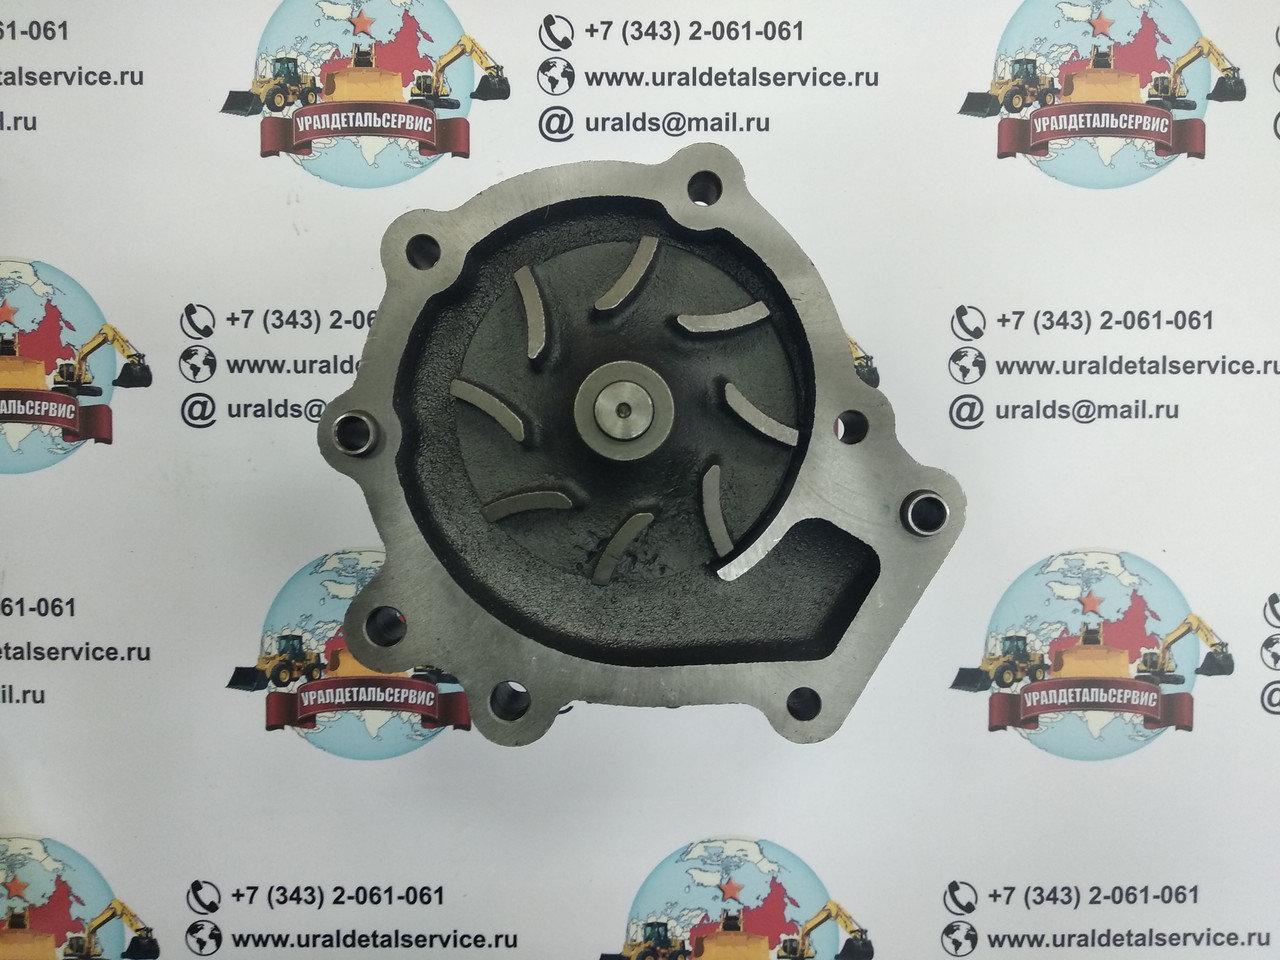 Vodyanoj-nasos-8980228221-4HK1-Hitachi-3